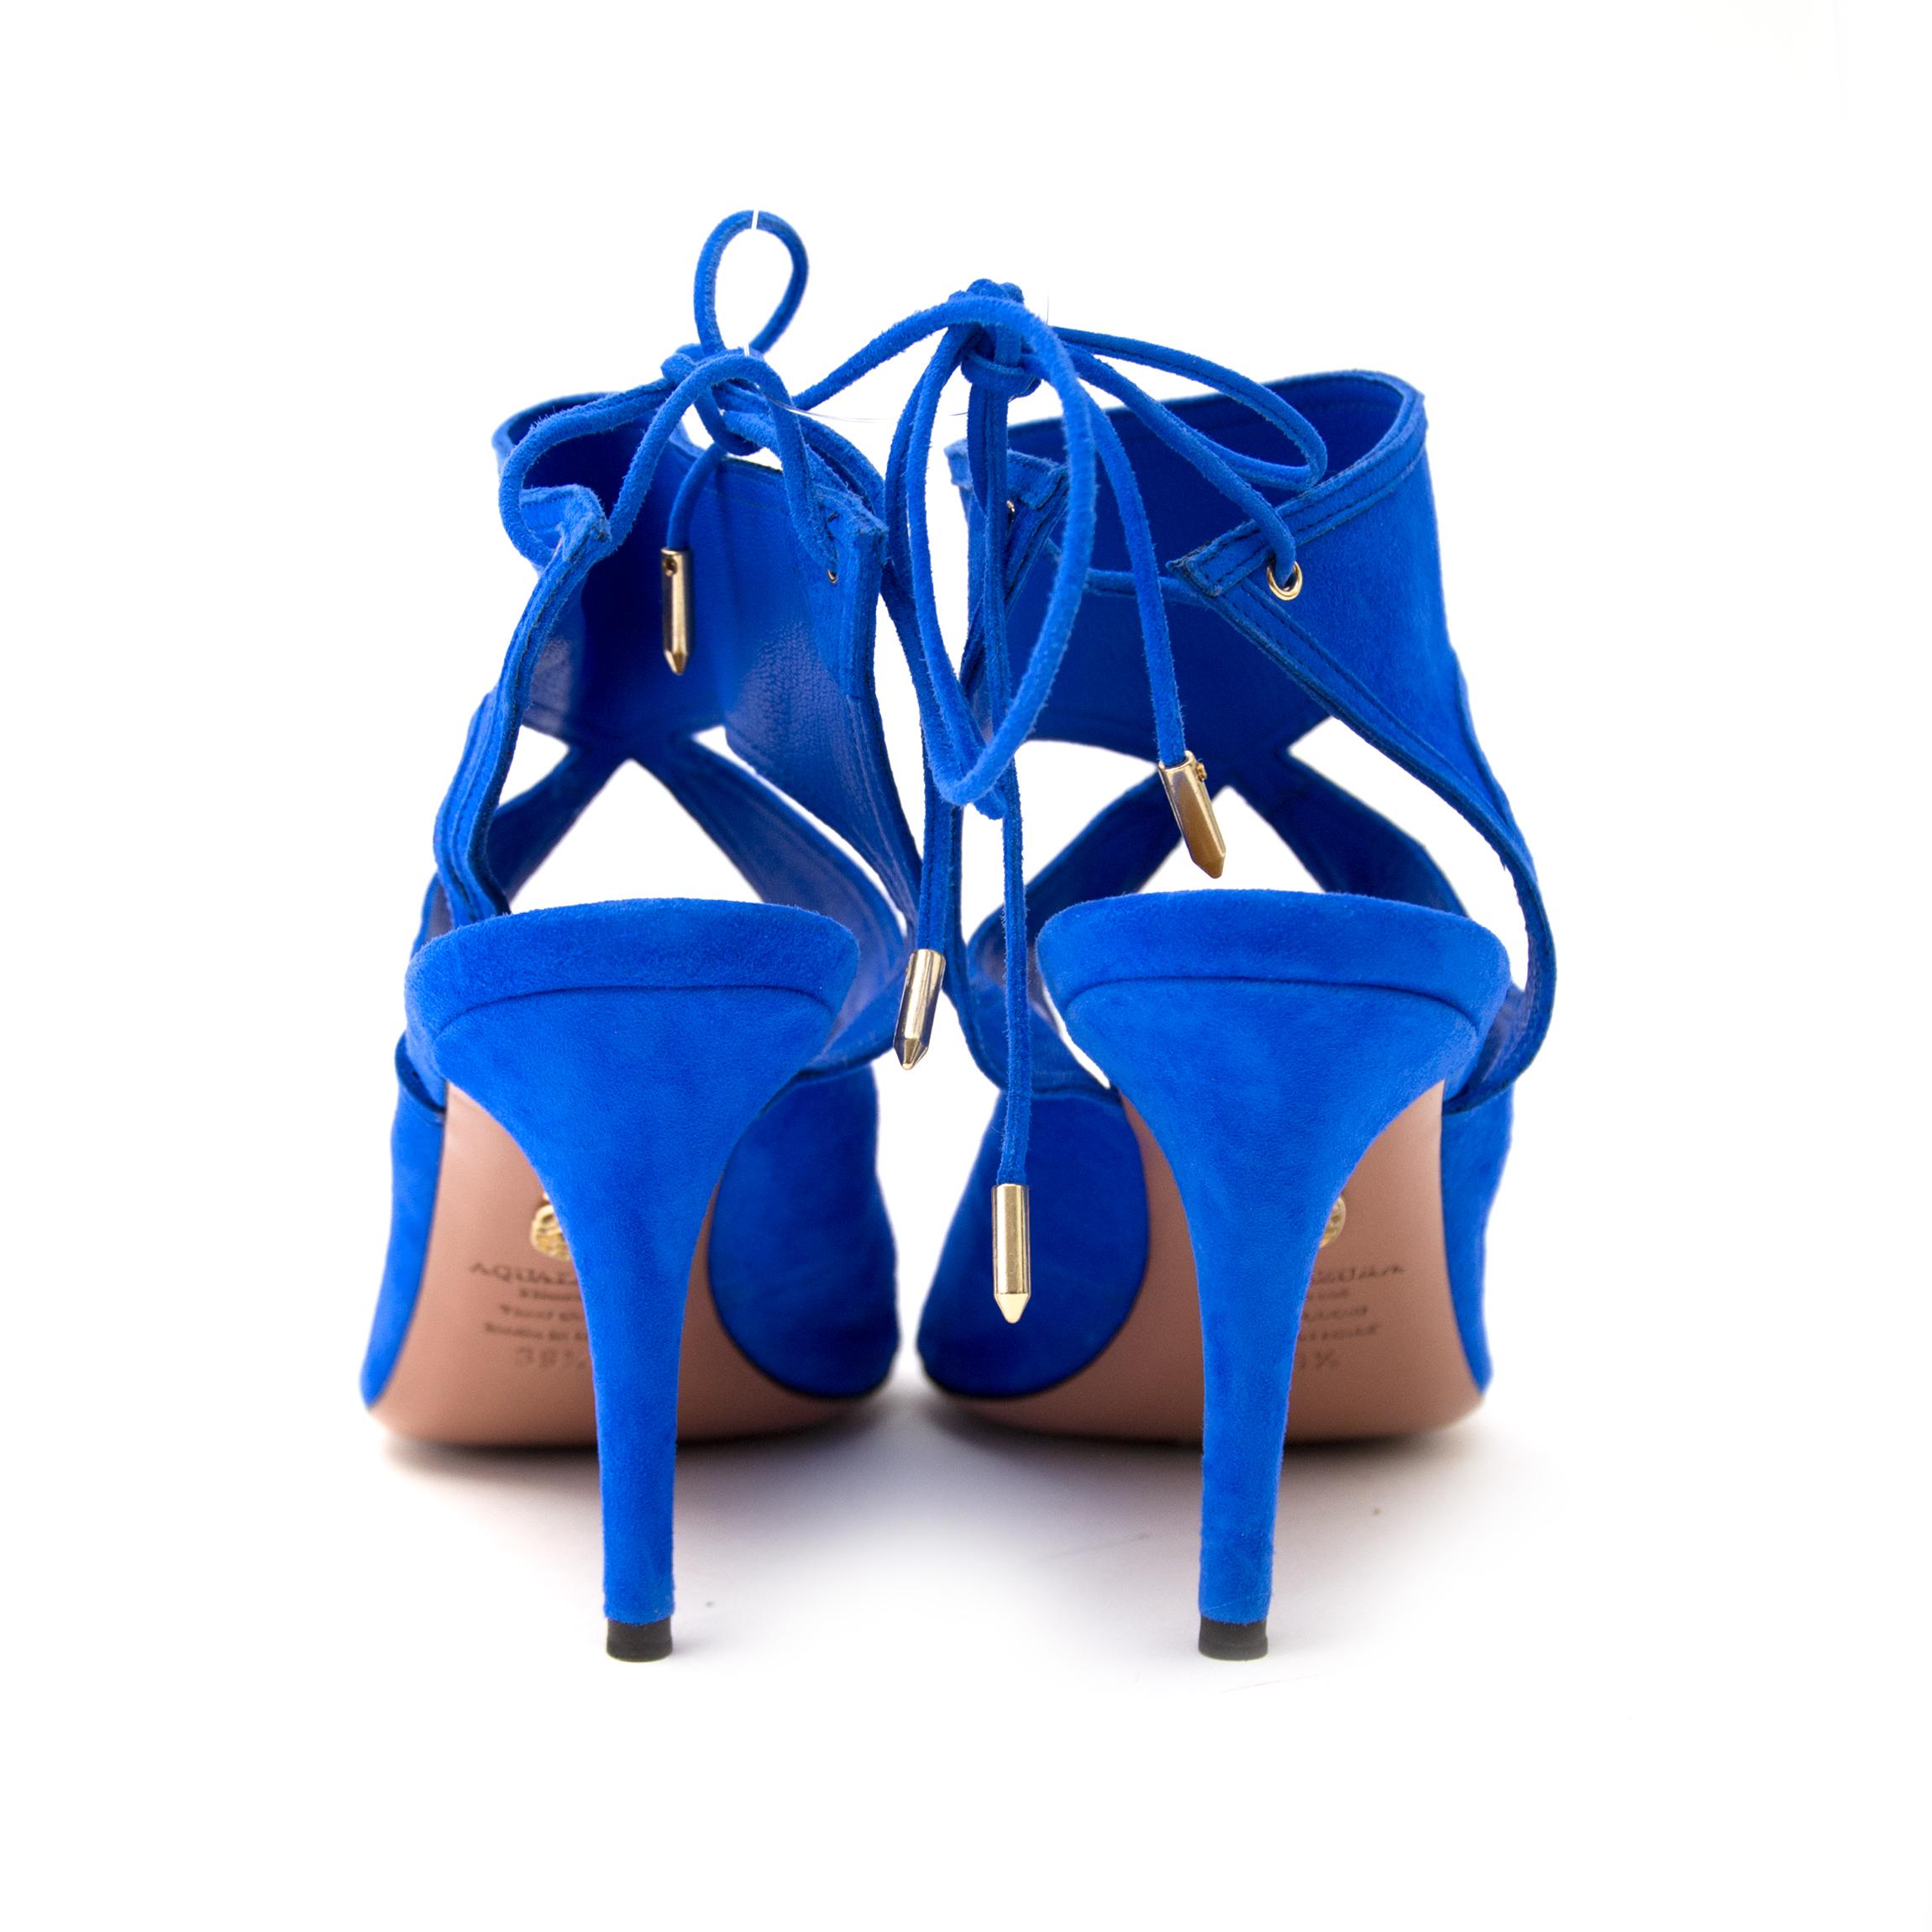 Acheter secur en ligne votre Aquazurra